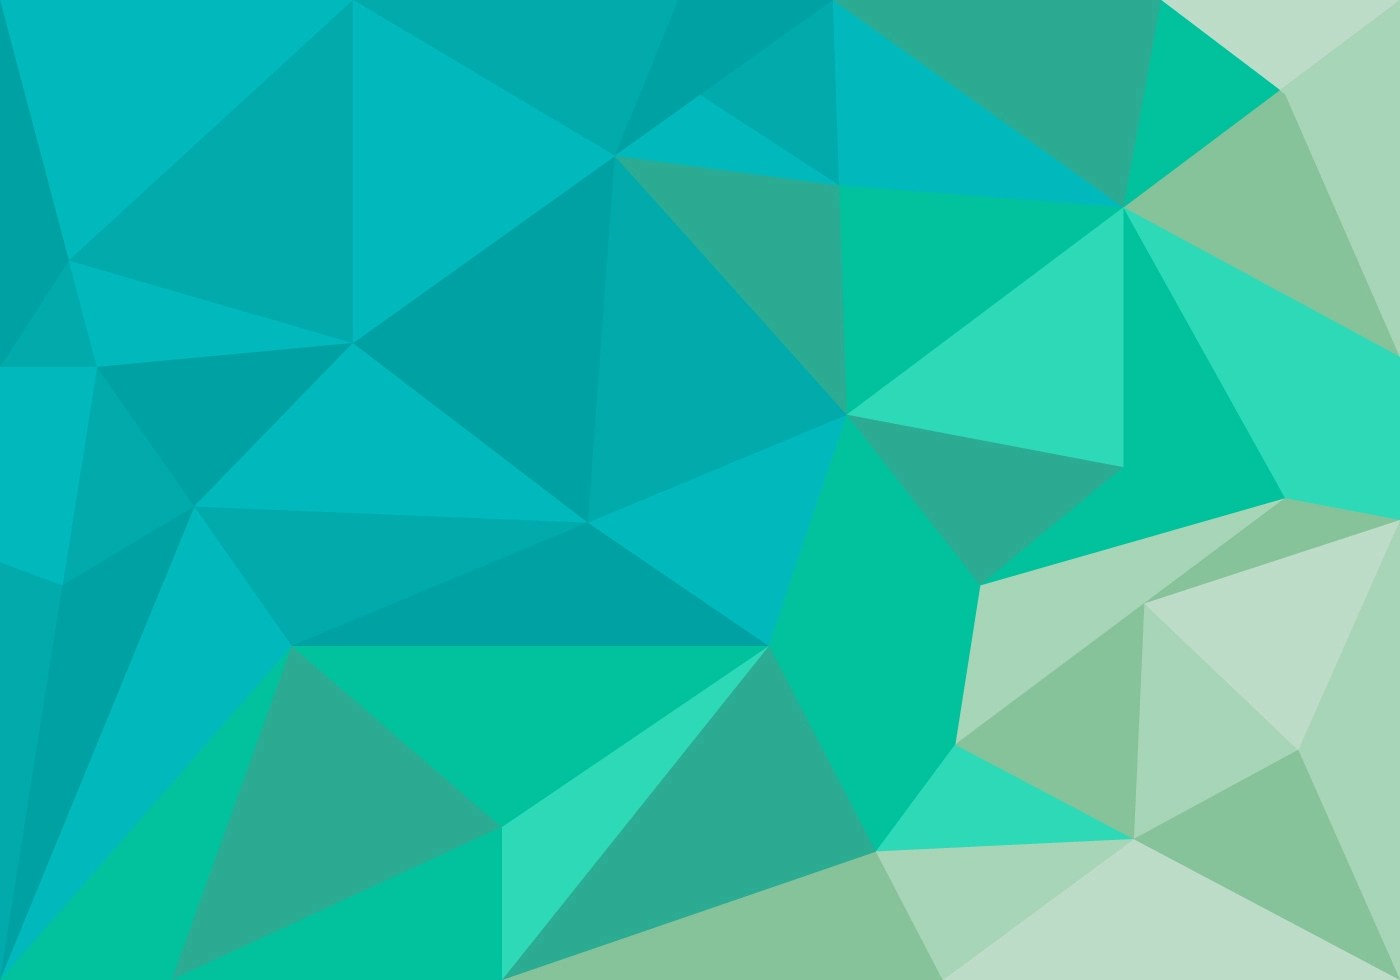 3d Wallpaper For Galaxy Y Unique Polygon Background Vector Download Free Vector